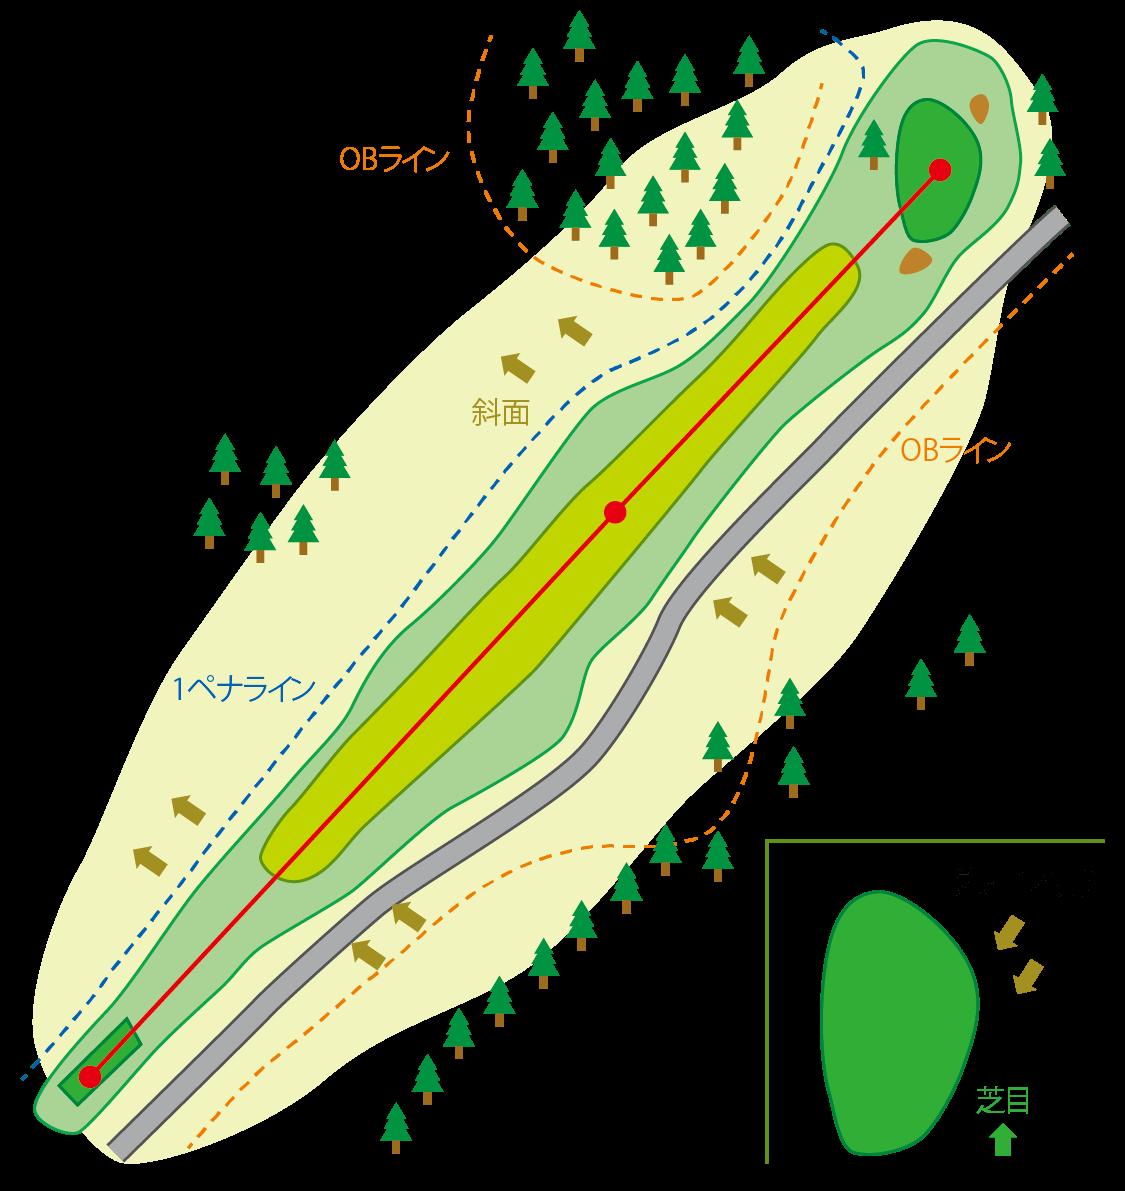 阿賀コース HOLE5のコースマップ